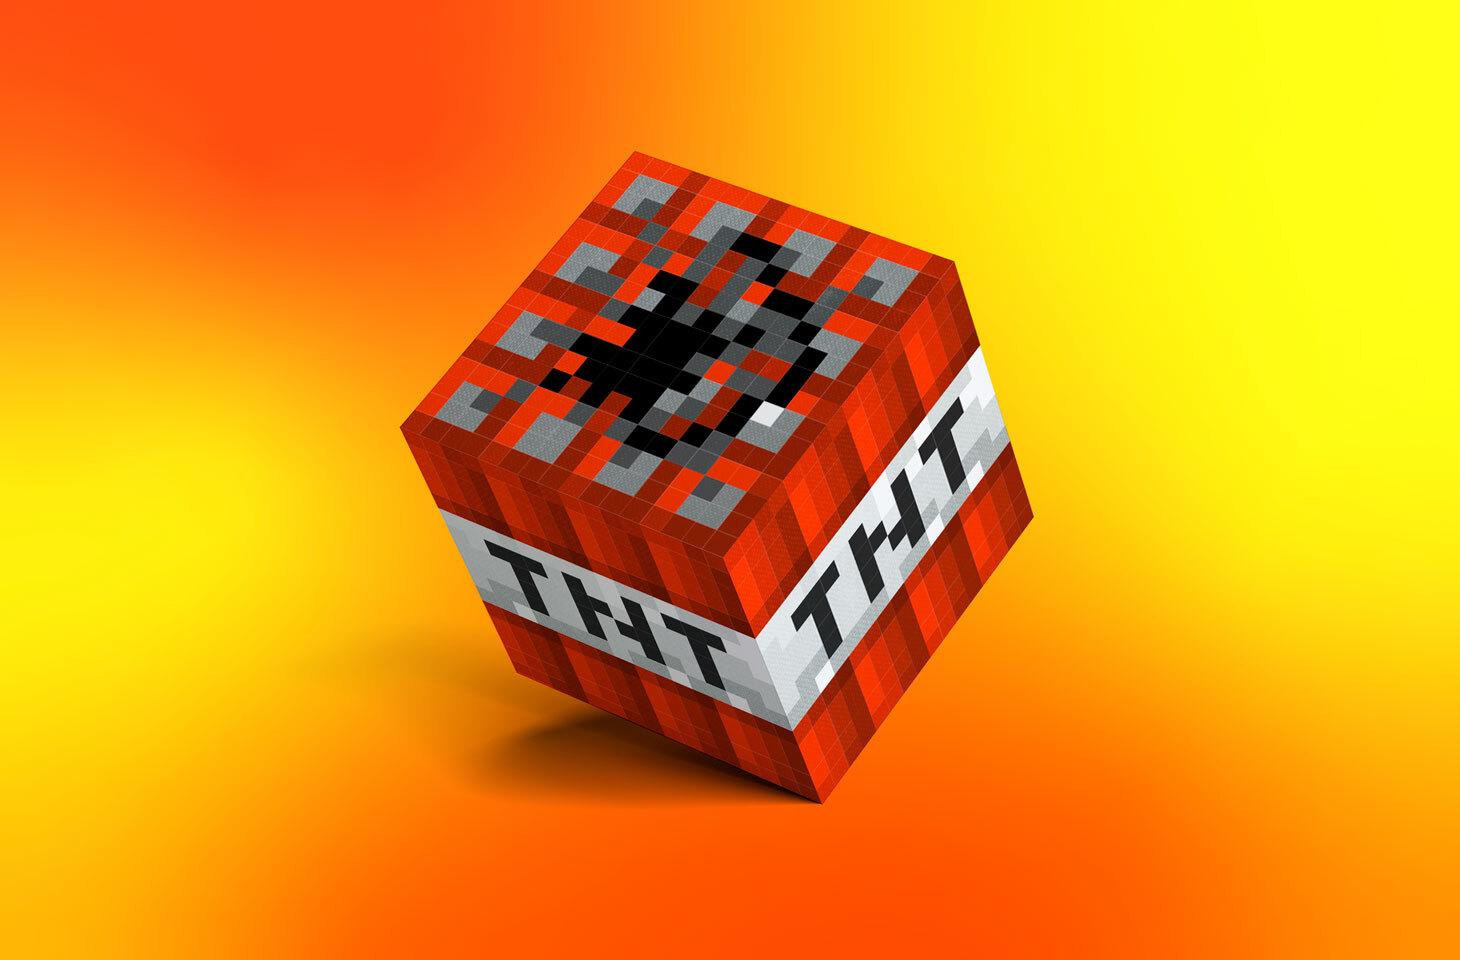 Зловред под видом модов для Minecraft в Google Play, продолжение | Блог Касперского